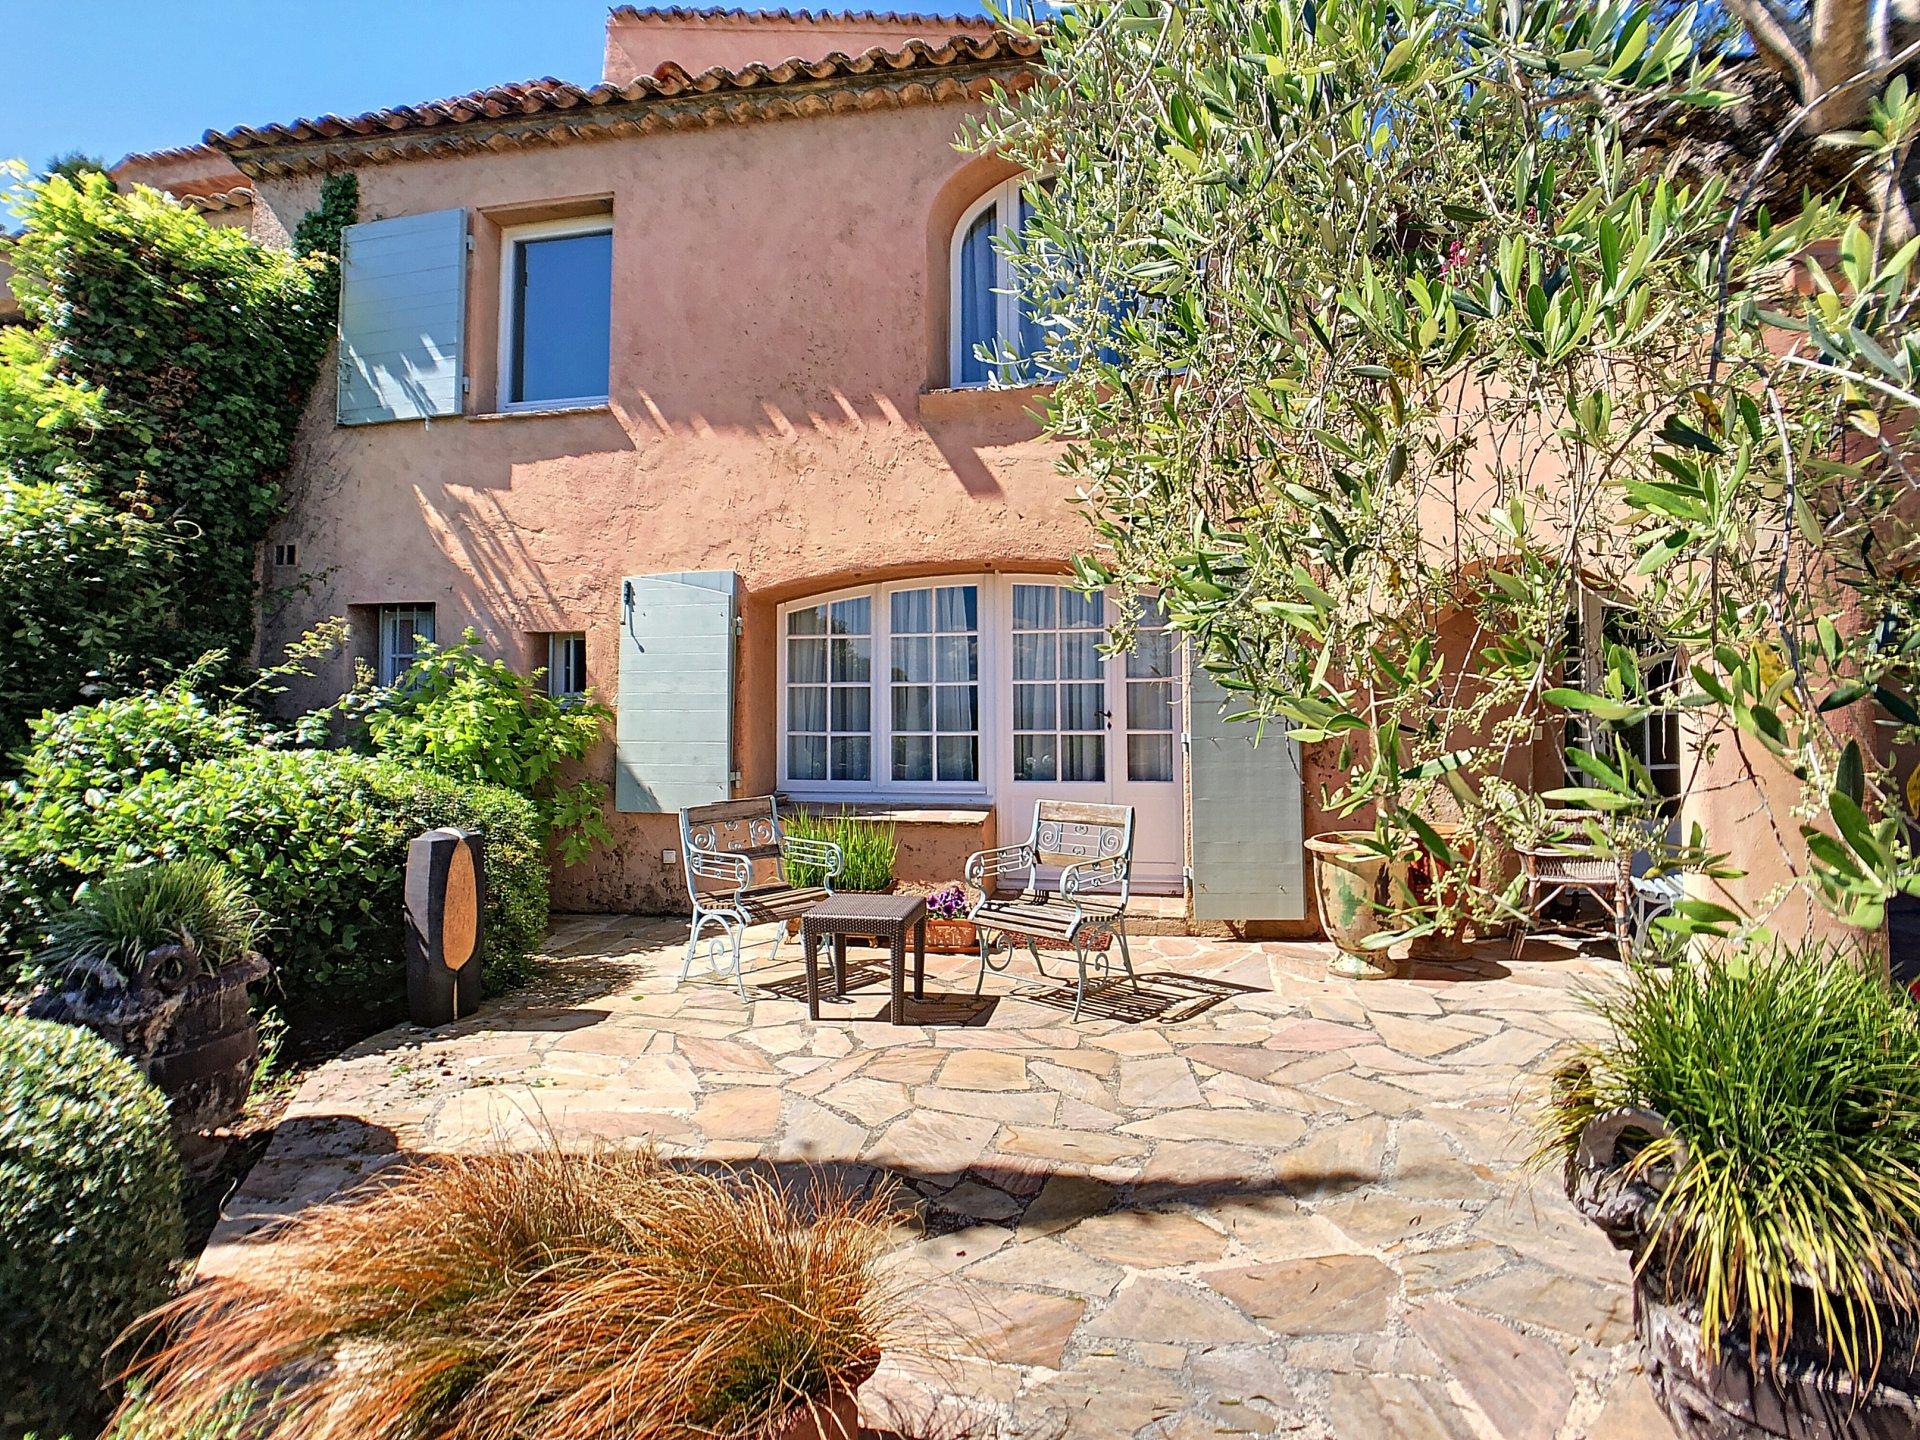 House for sale Mouans-Sartoux